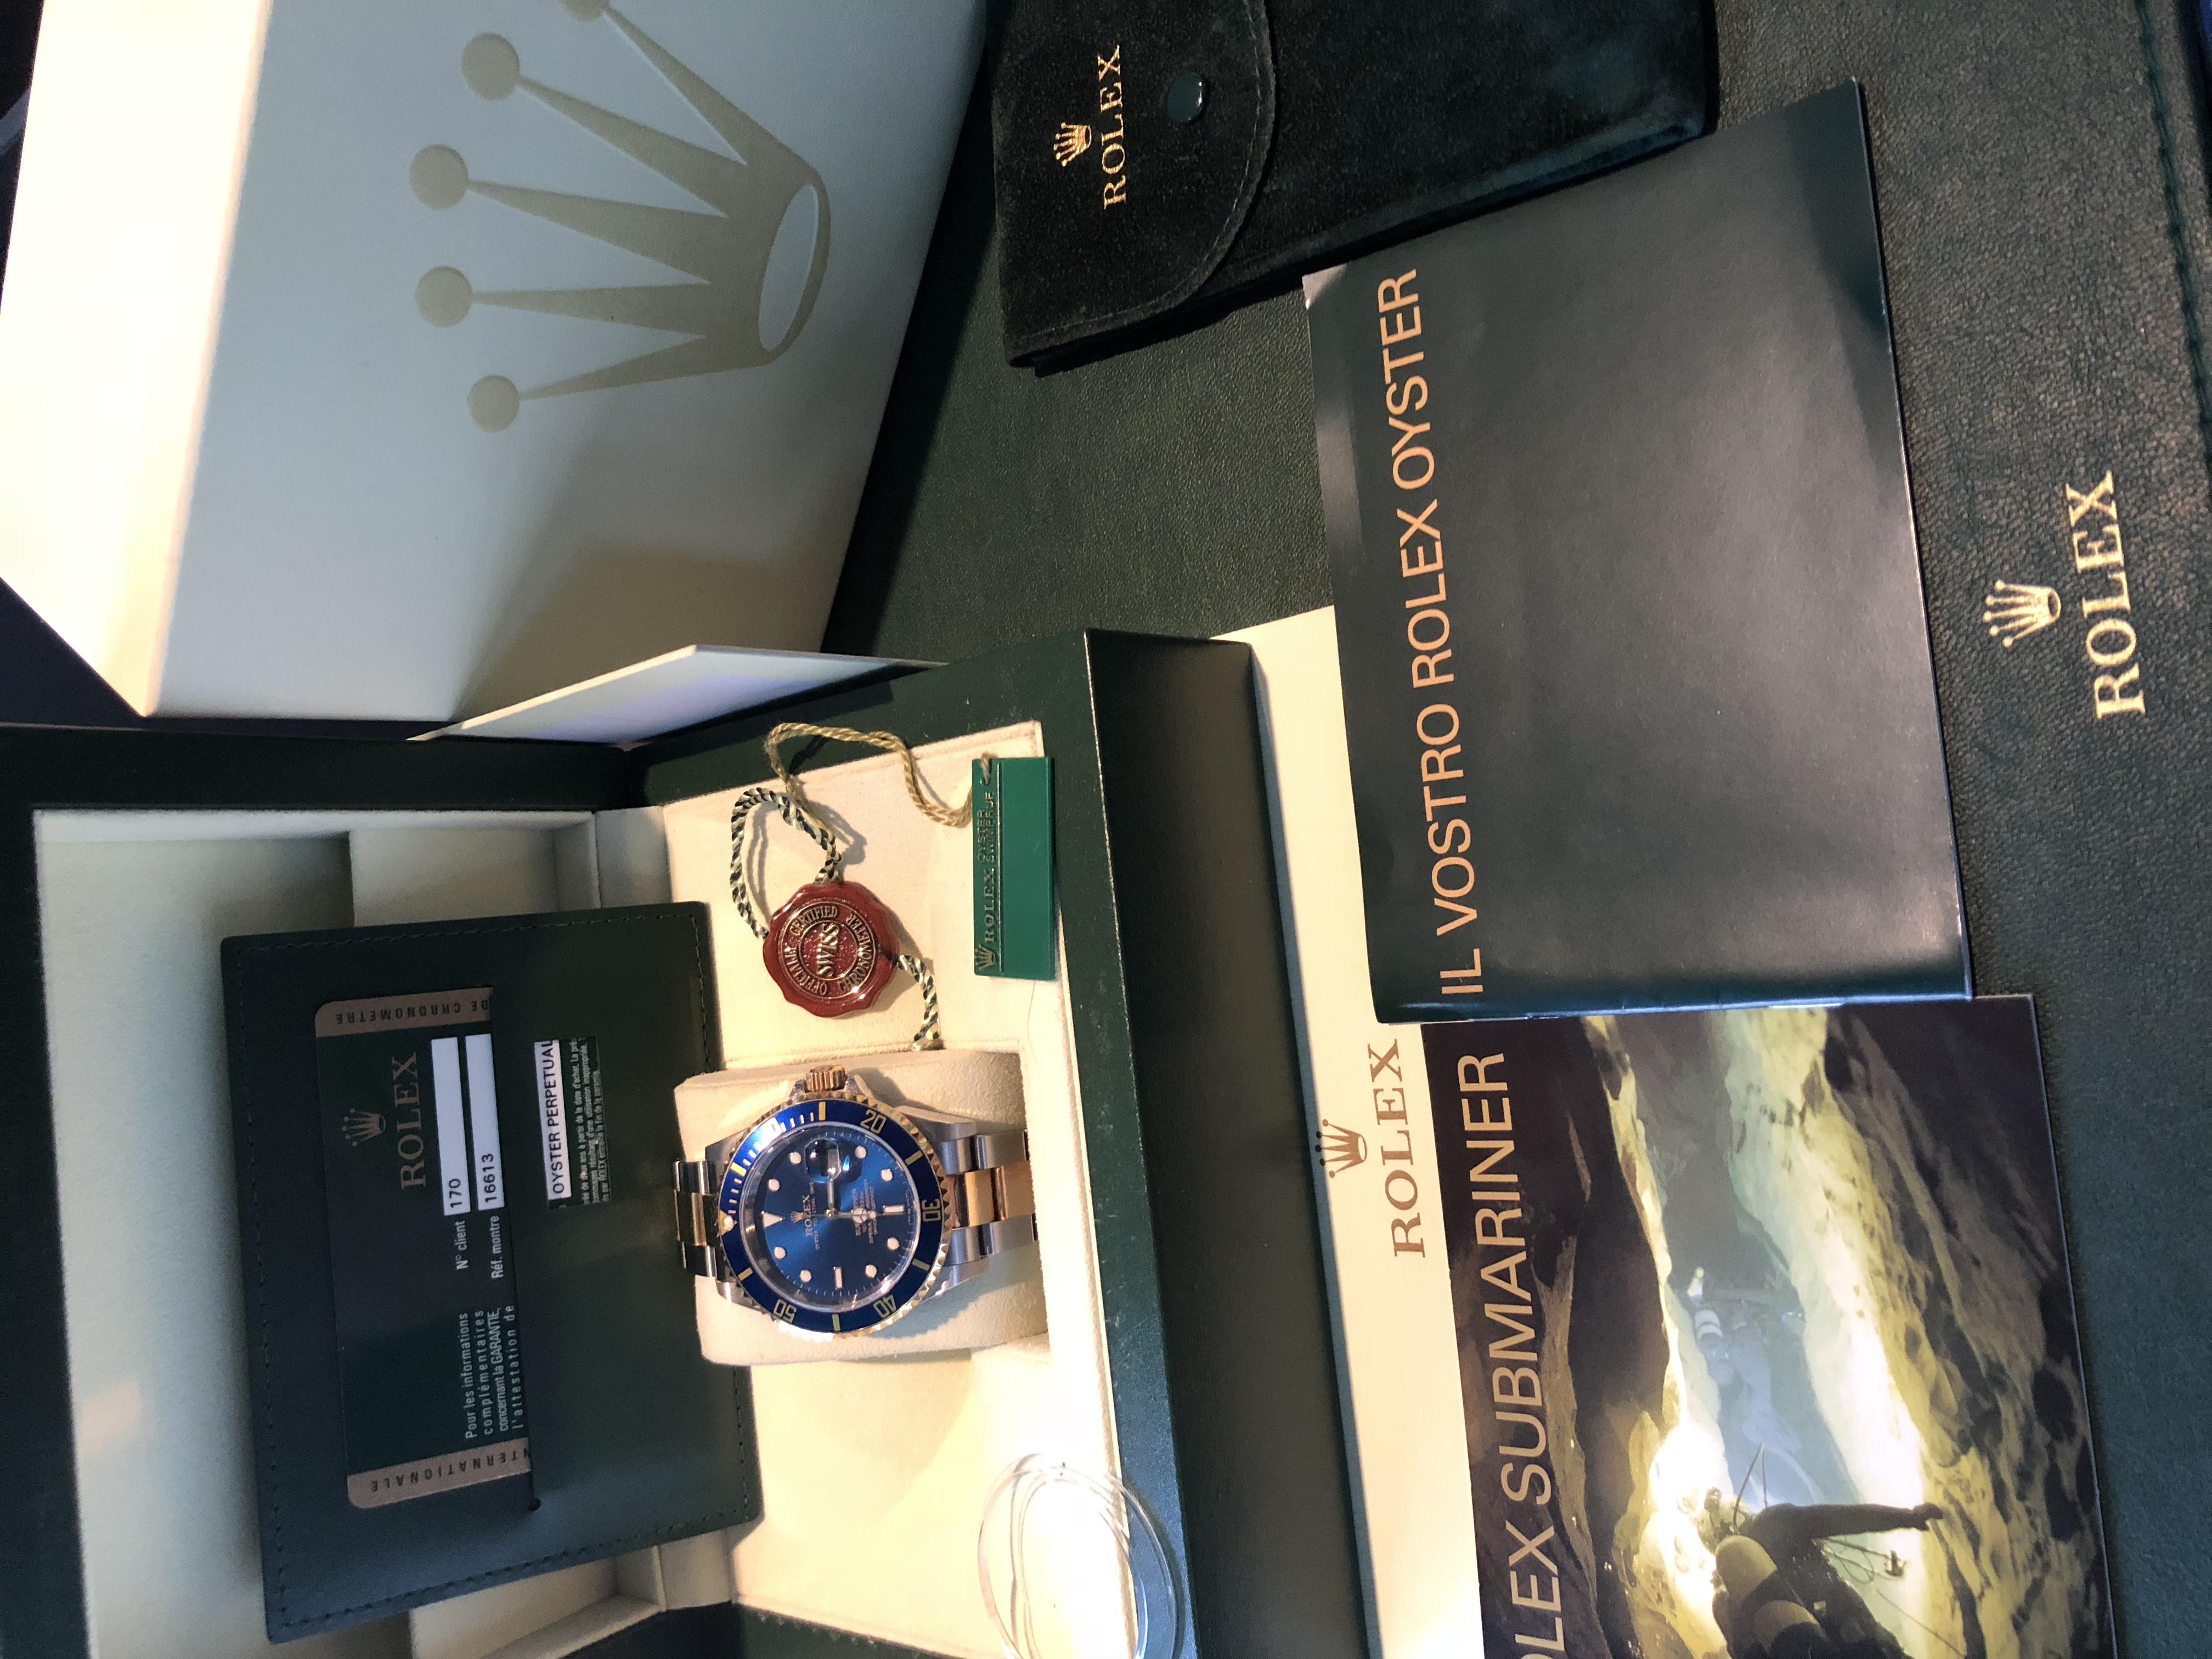 Rolex Submariner Date Acc/oro quadrante blu | Genova